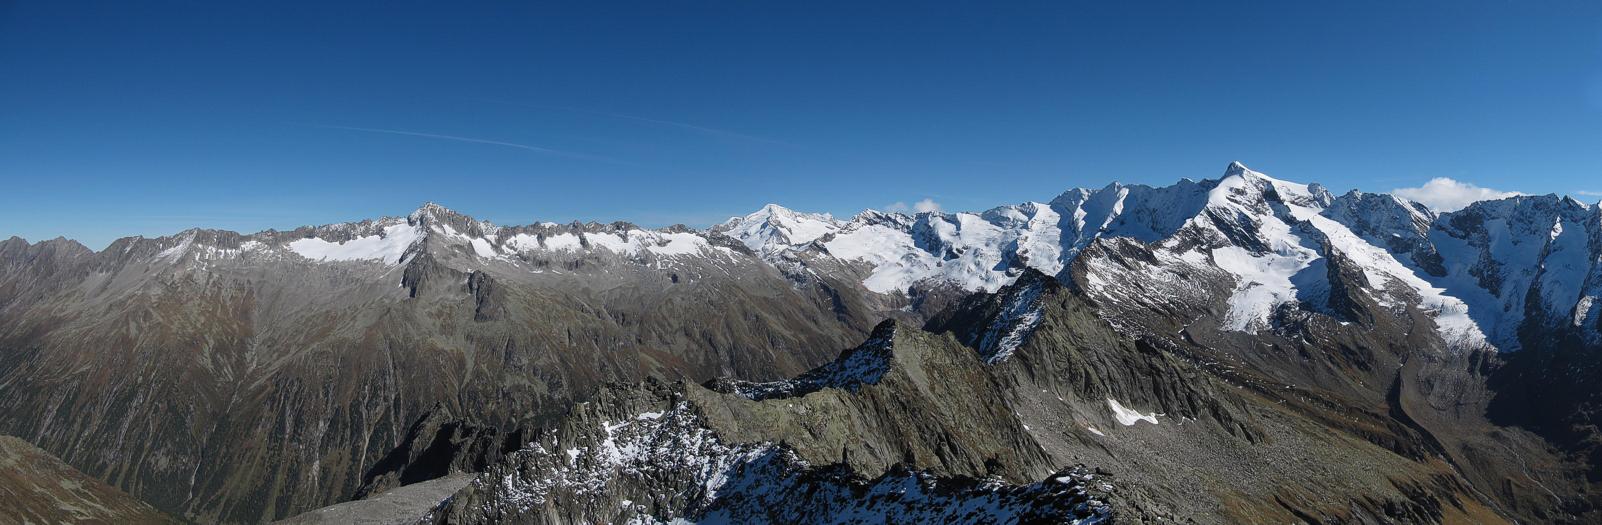 Kasern - Birnlucke - Lausitzerweg - Vetta d'Italia - Tauernalm